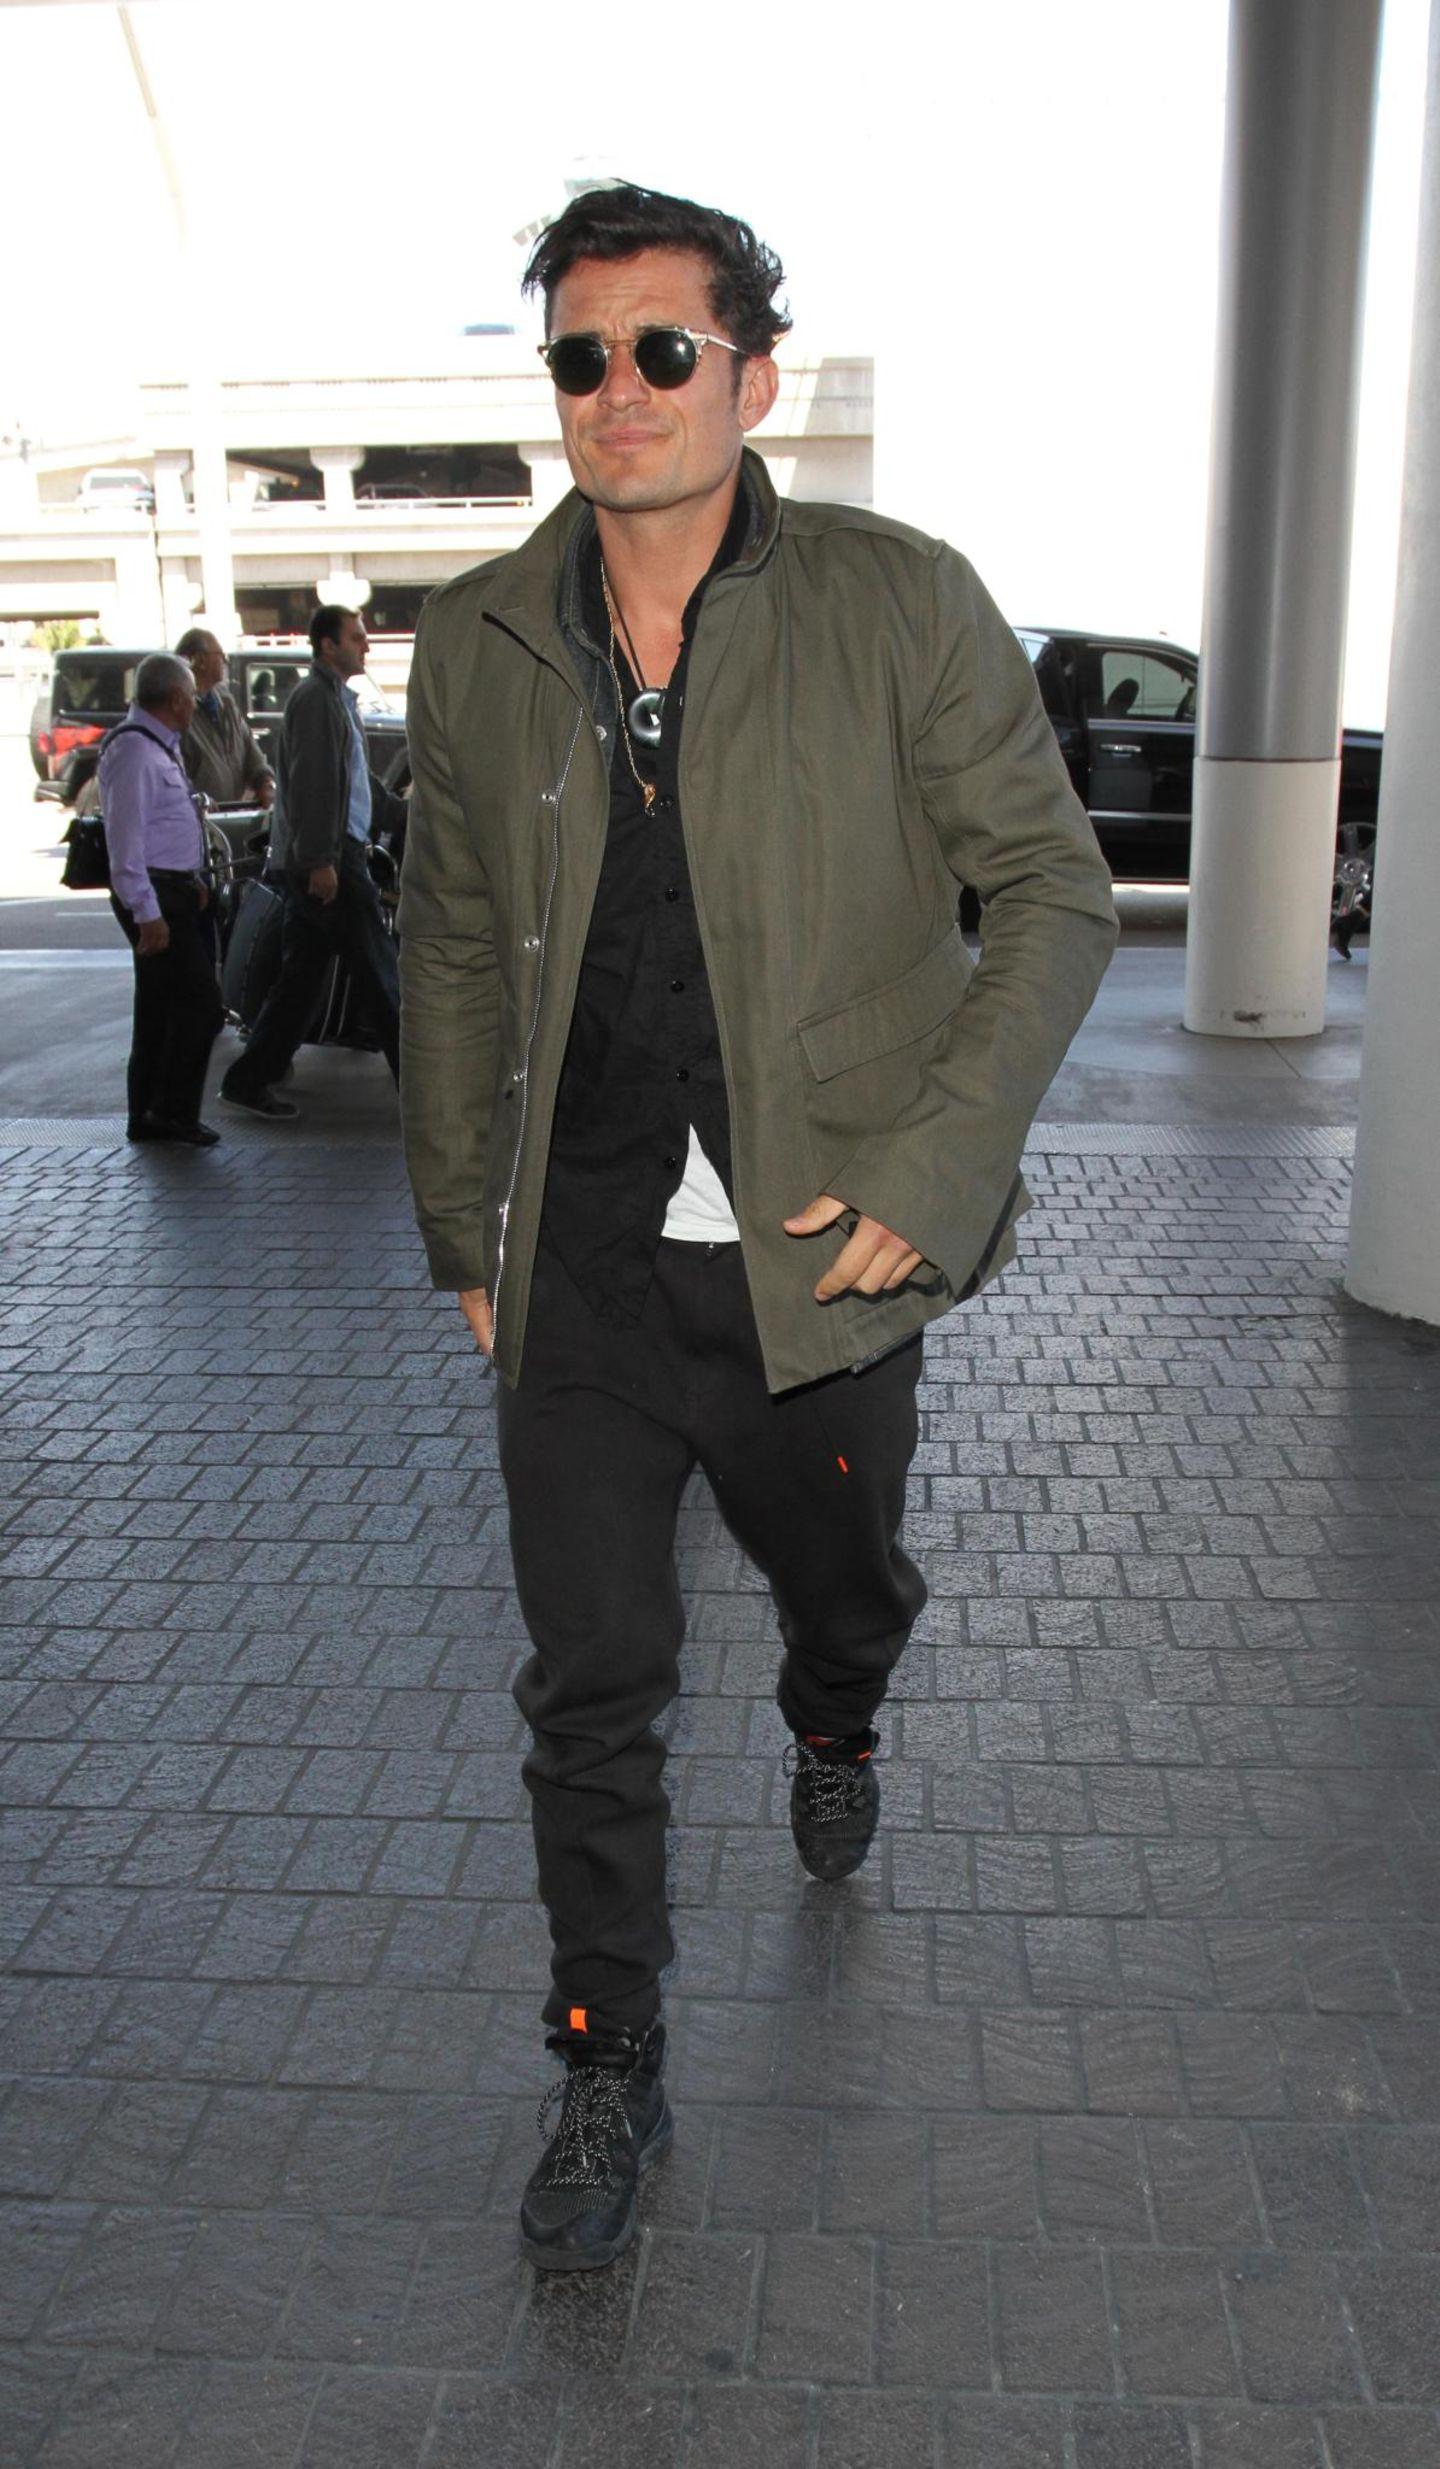 Am LAX, dem internationalen Flughafen in Los Angeles, hat man öfter die Chance einen Promi anzutreffen, diesmal ist es Orlando Bloom, getarnt in Schwarz und grüner Jacke.